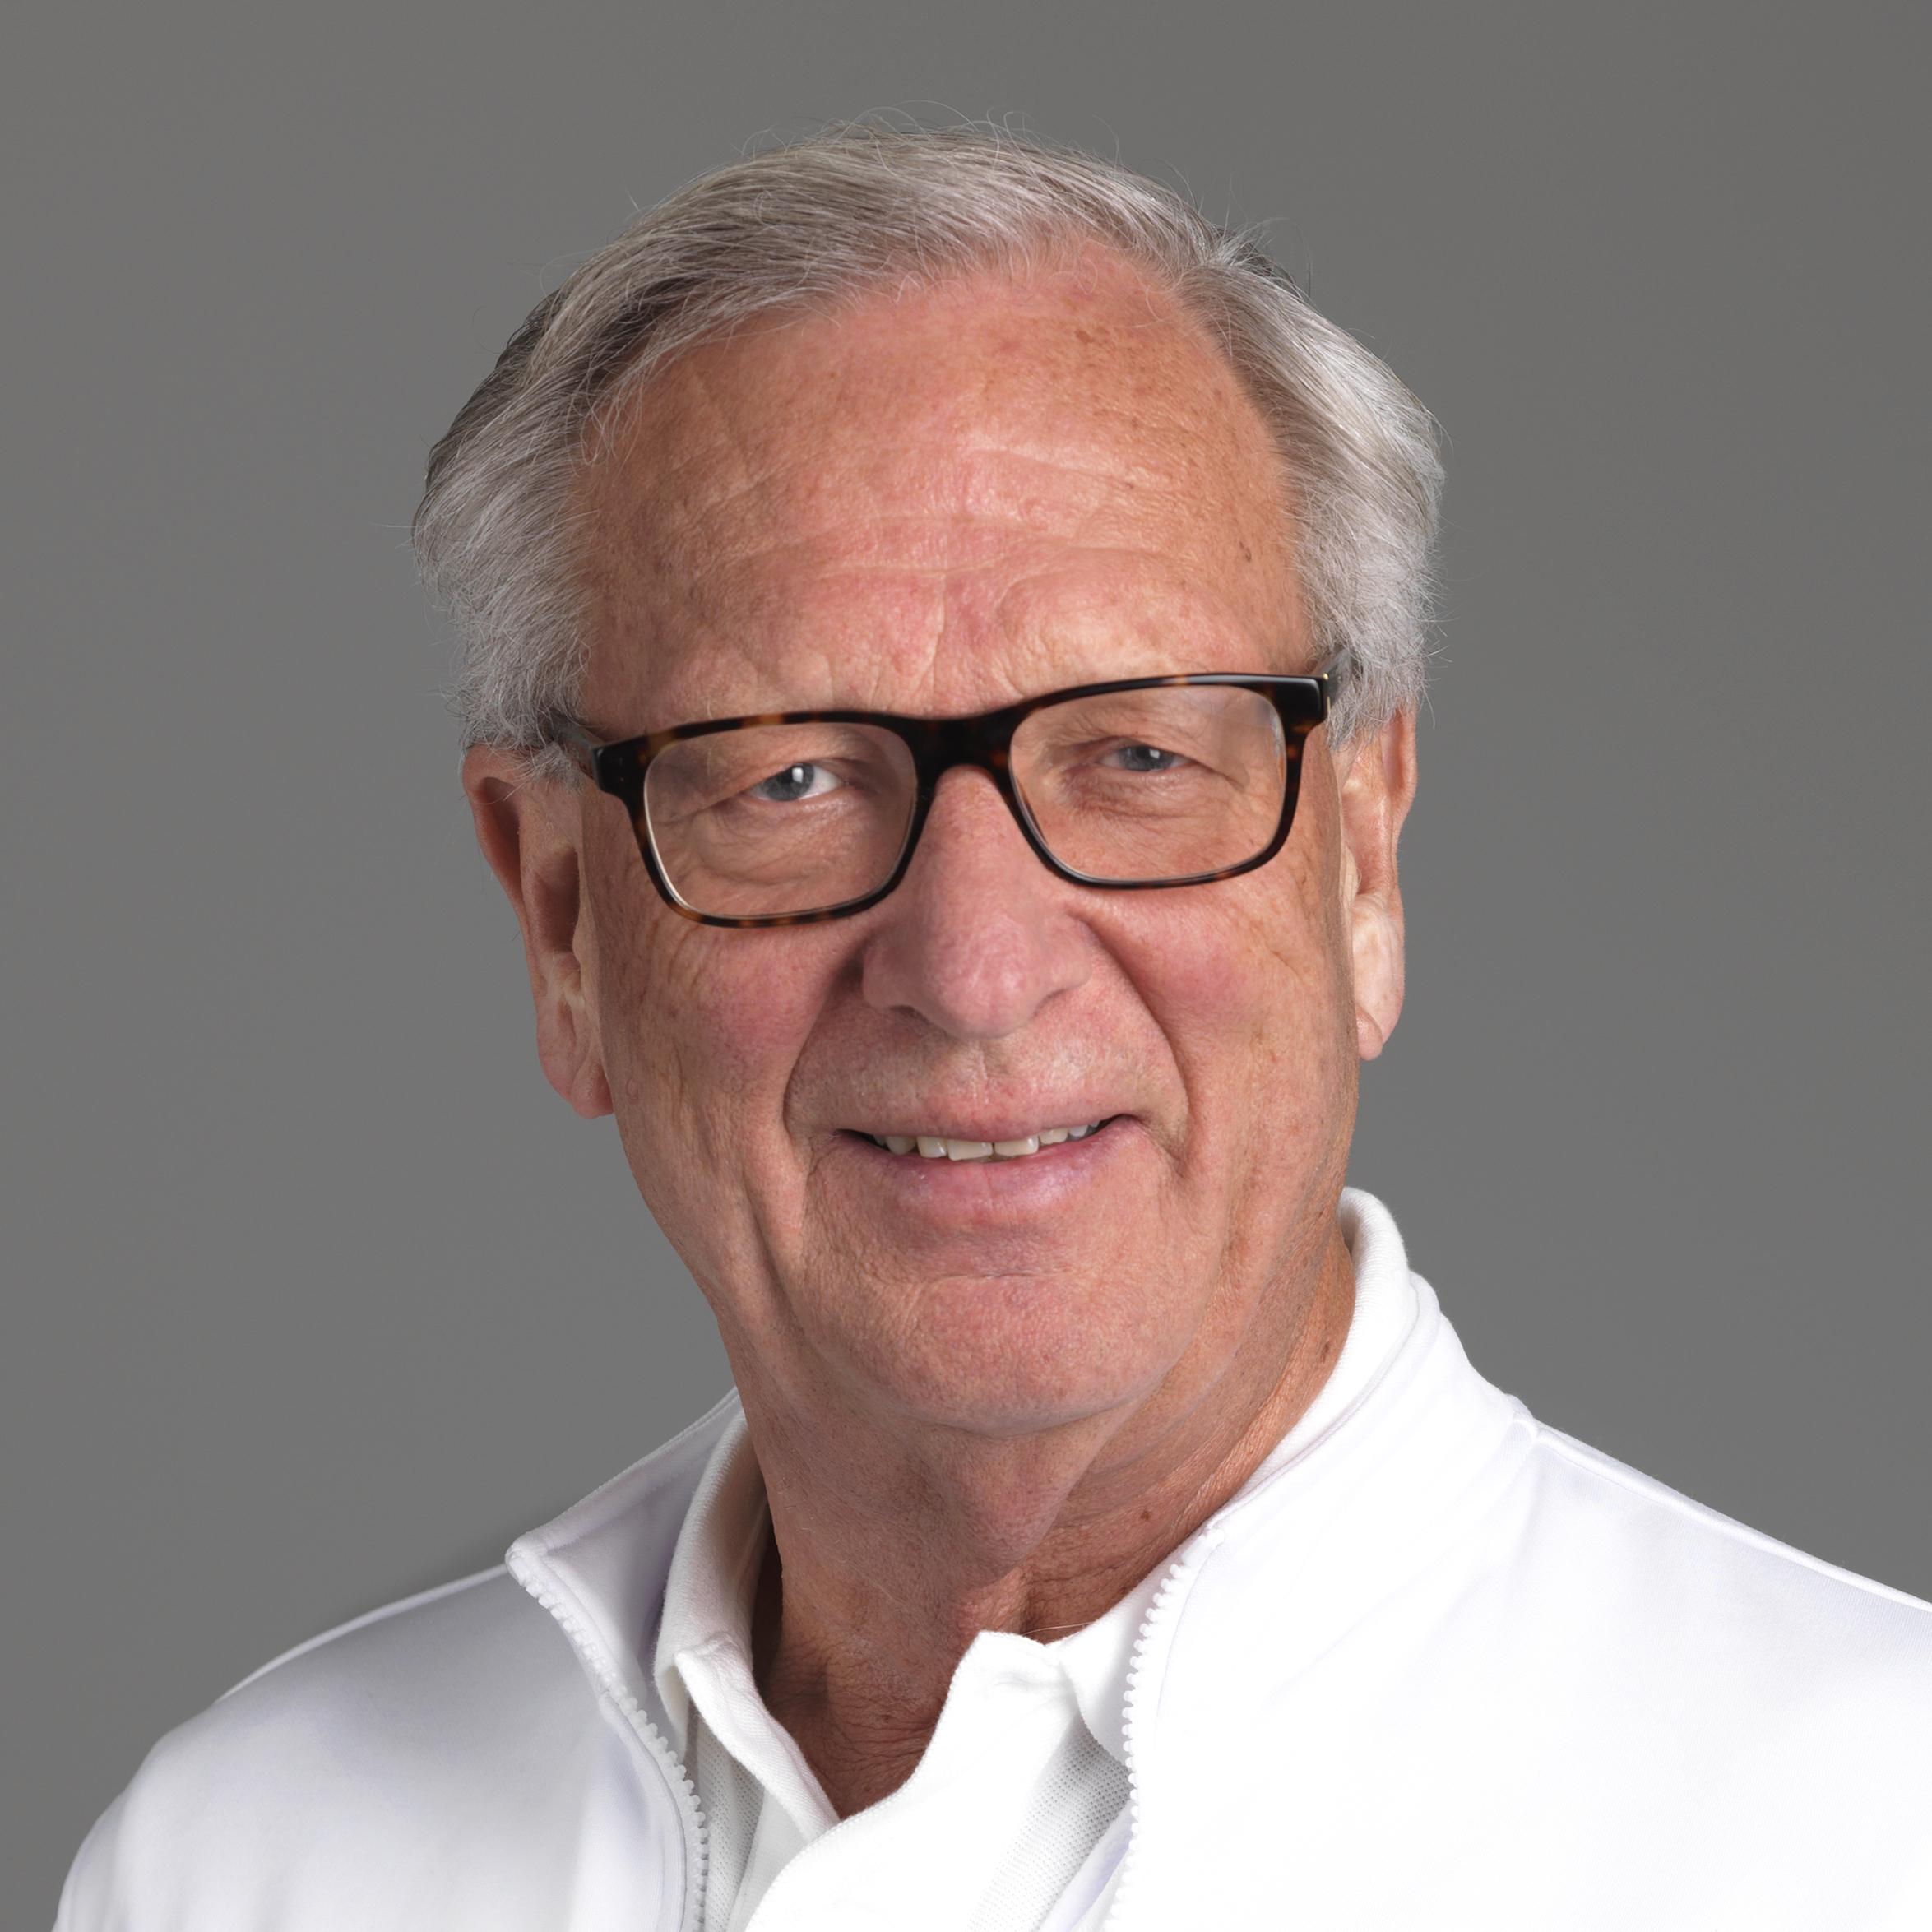 Einar Christiansen